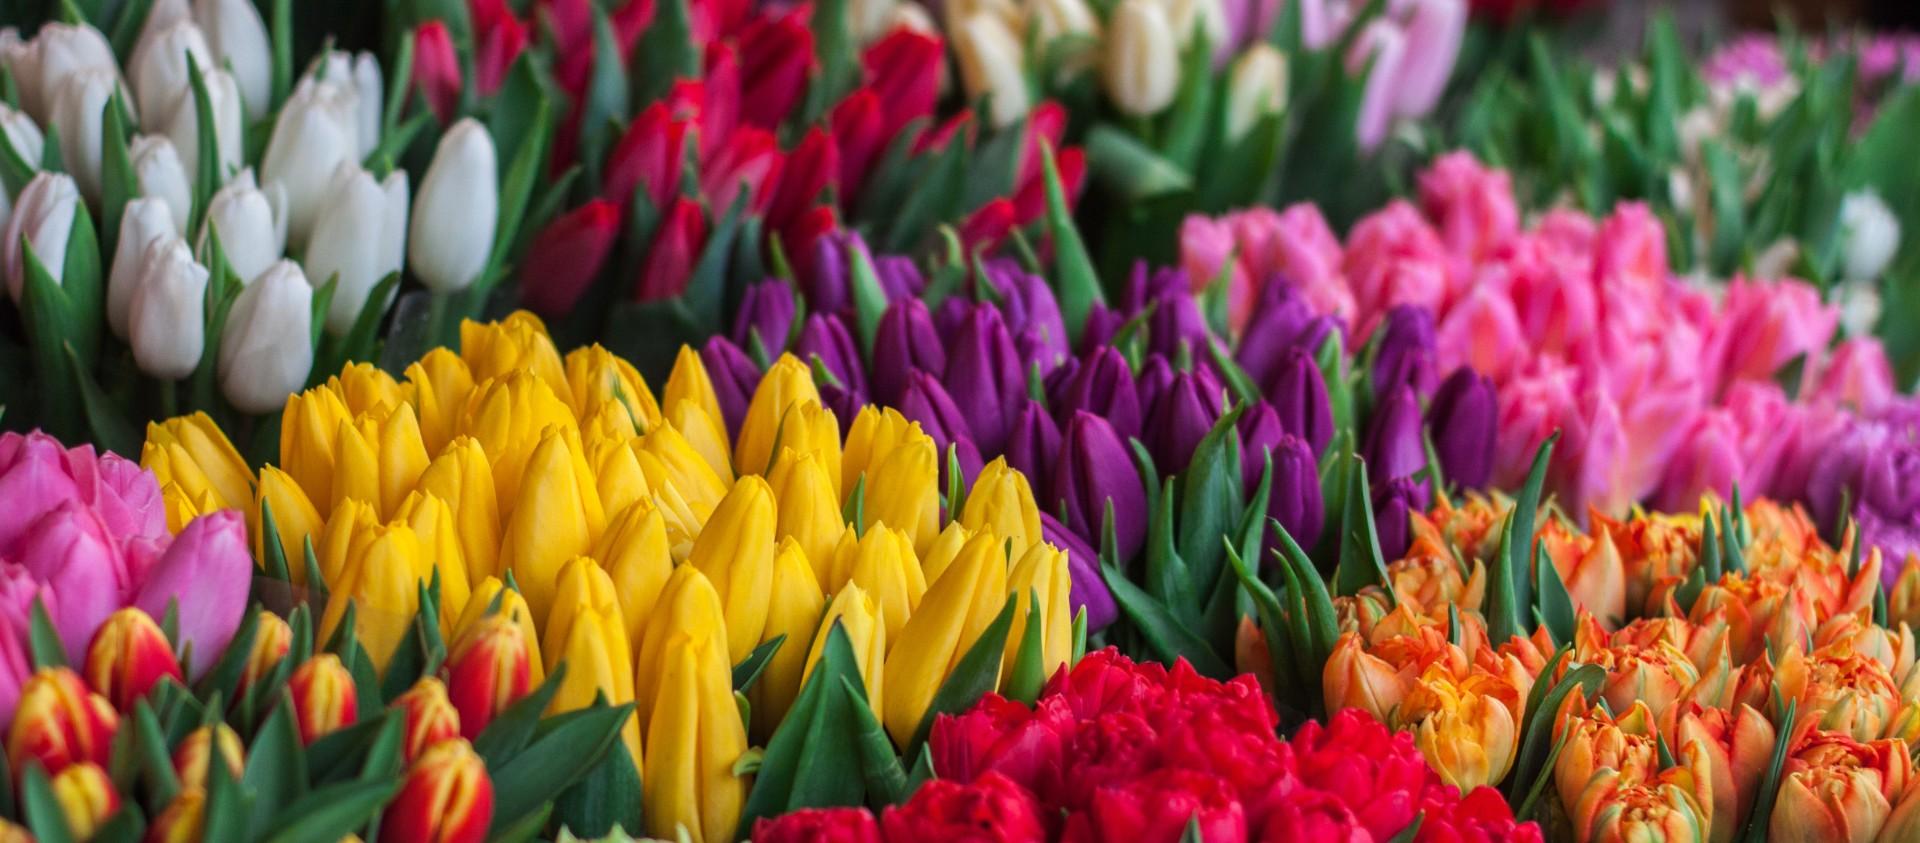 Easywork vacature bijrijder bloemen en planten